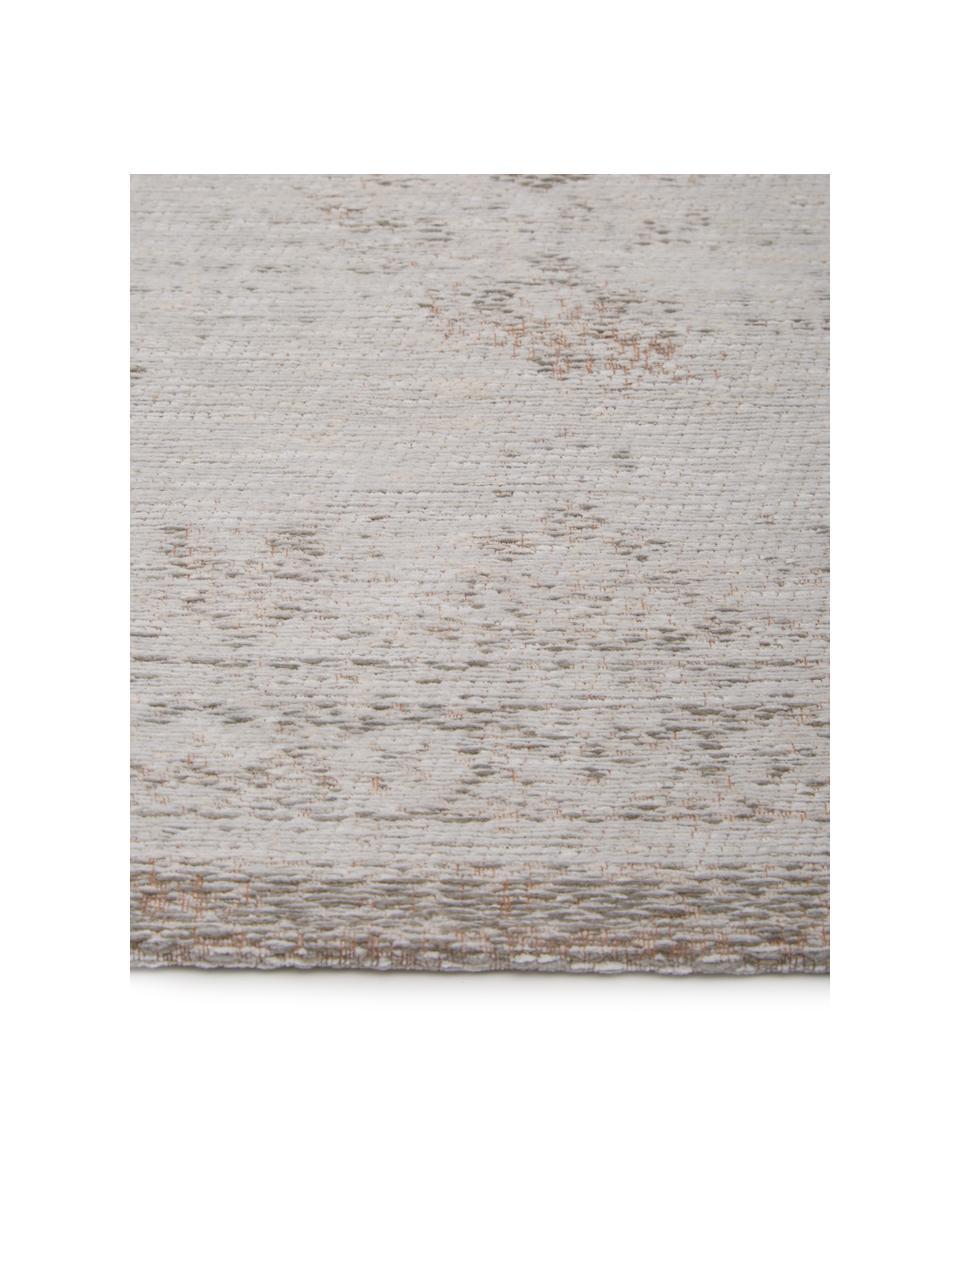 Dywan szenilowy vintage Medaillon, Jasny szary, brązowy, 140 x 200 cm (Rozmiar S)